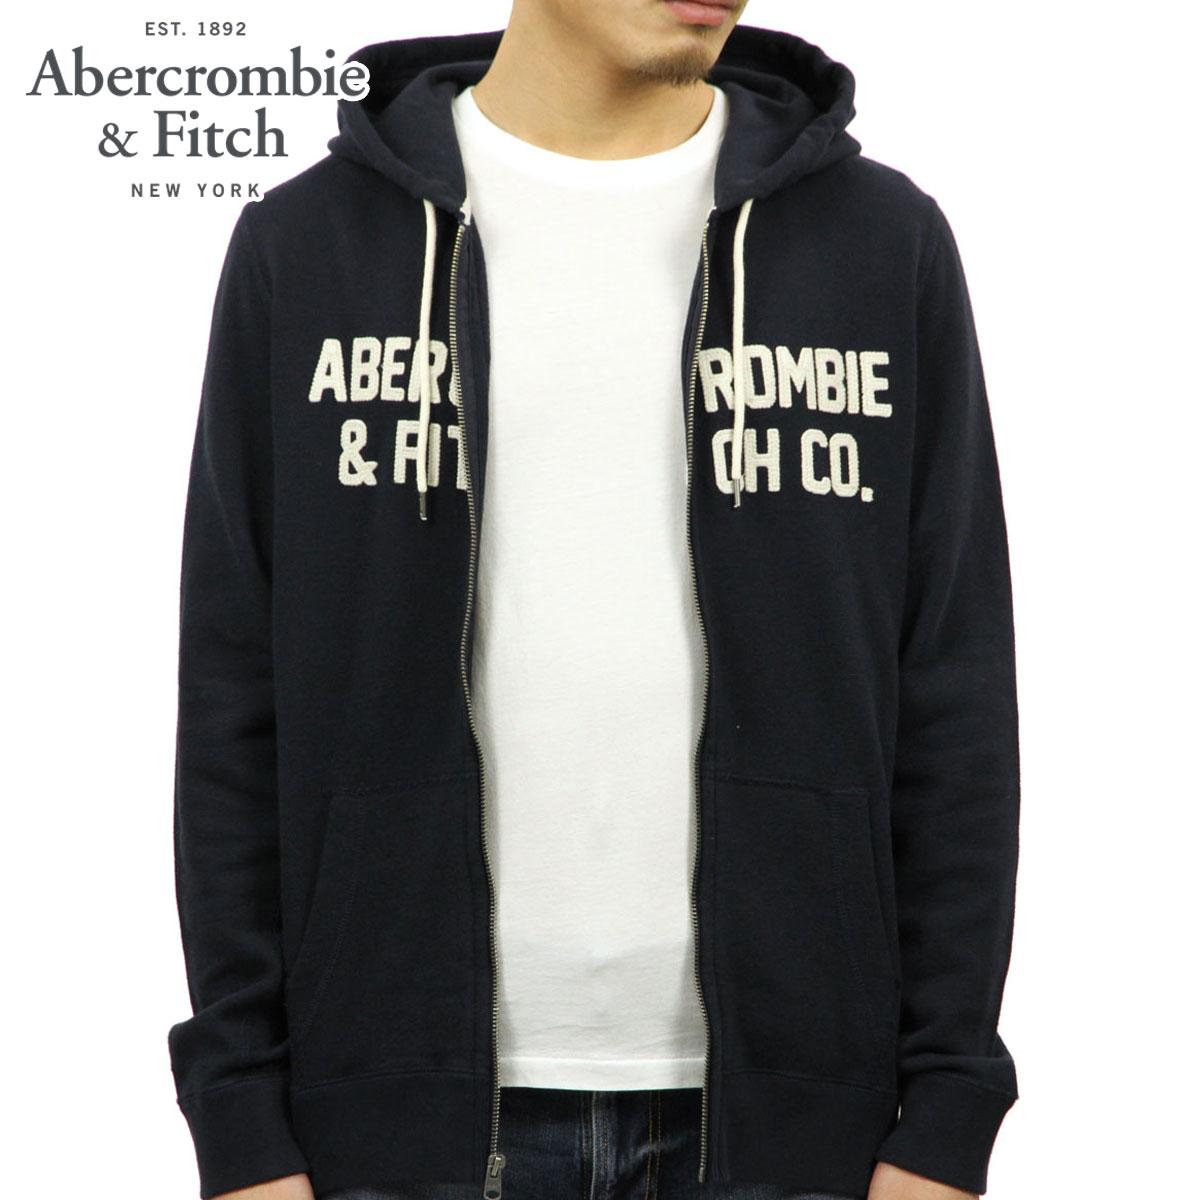 アバクロ Abercrombie&Fitch 正規品 メンズ ジップアップパーカー GRAPHIC FULL-ZIP HOODIE 122-232-0799-200